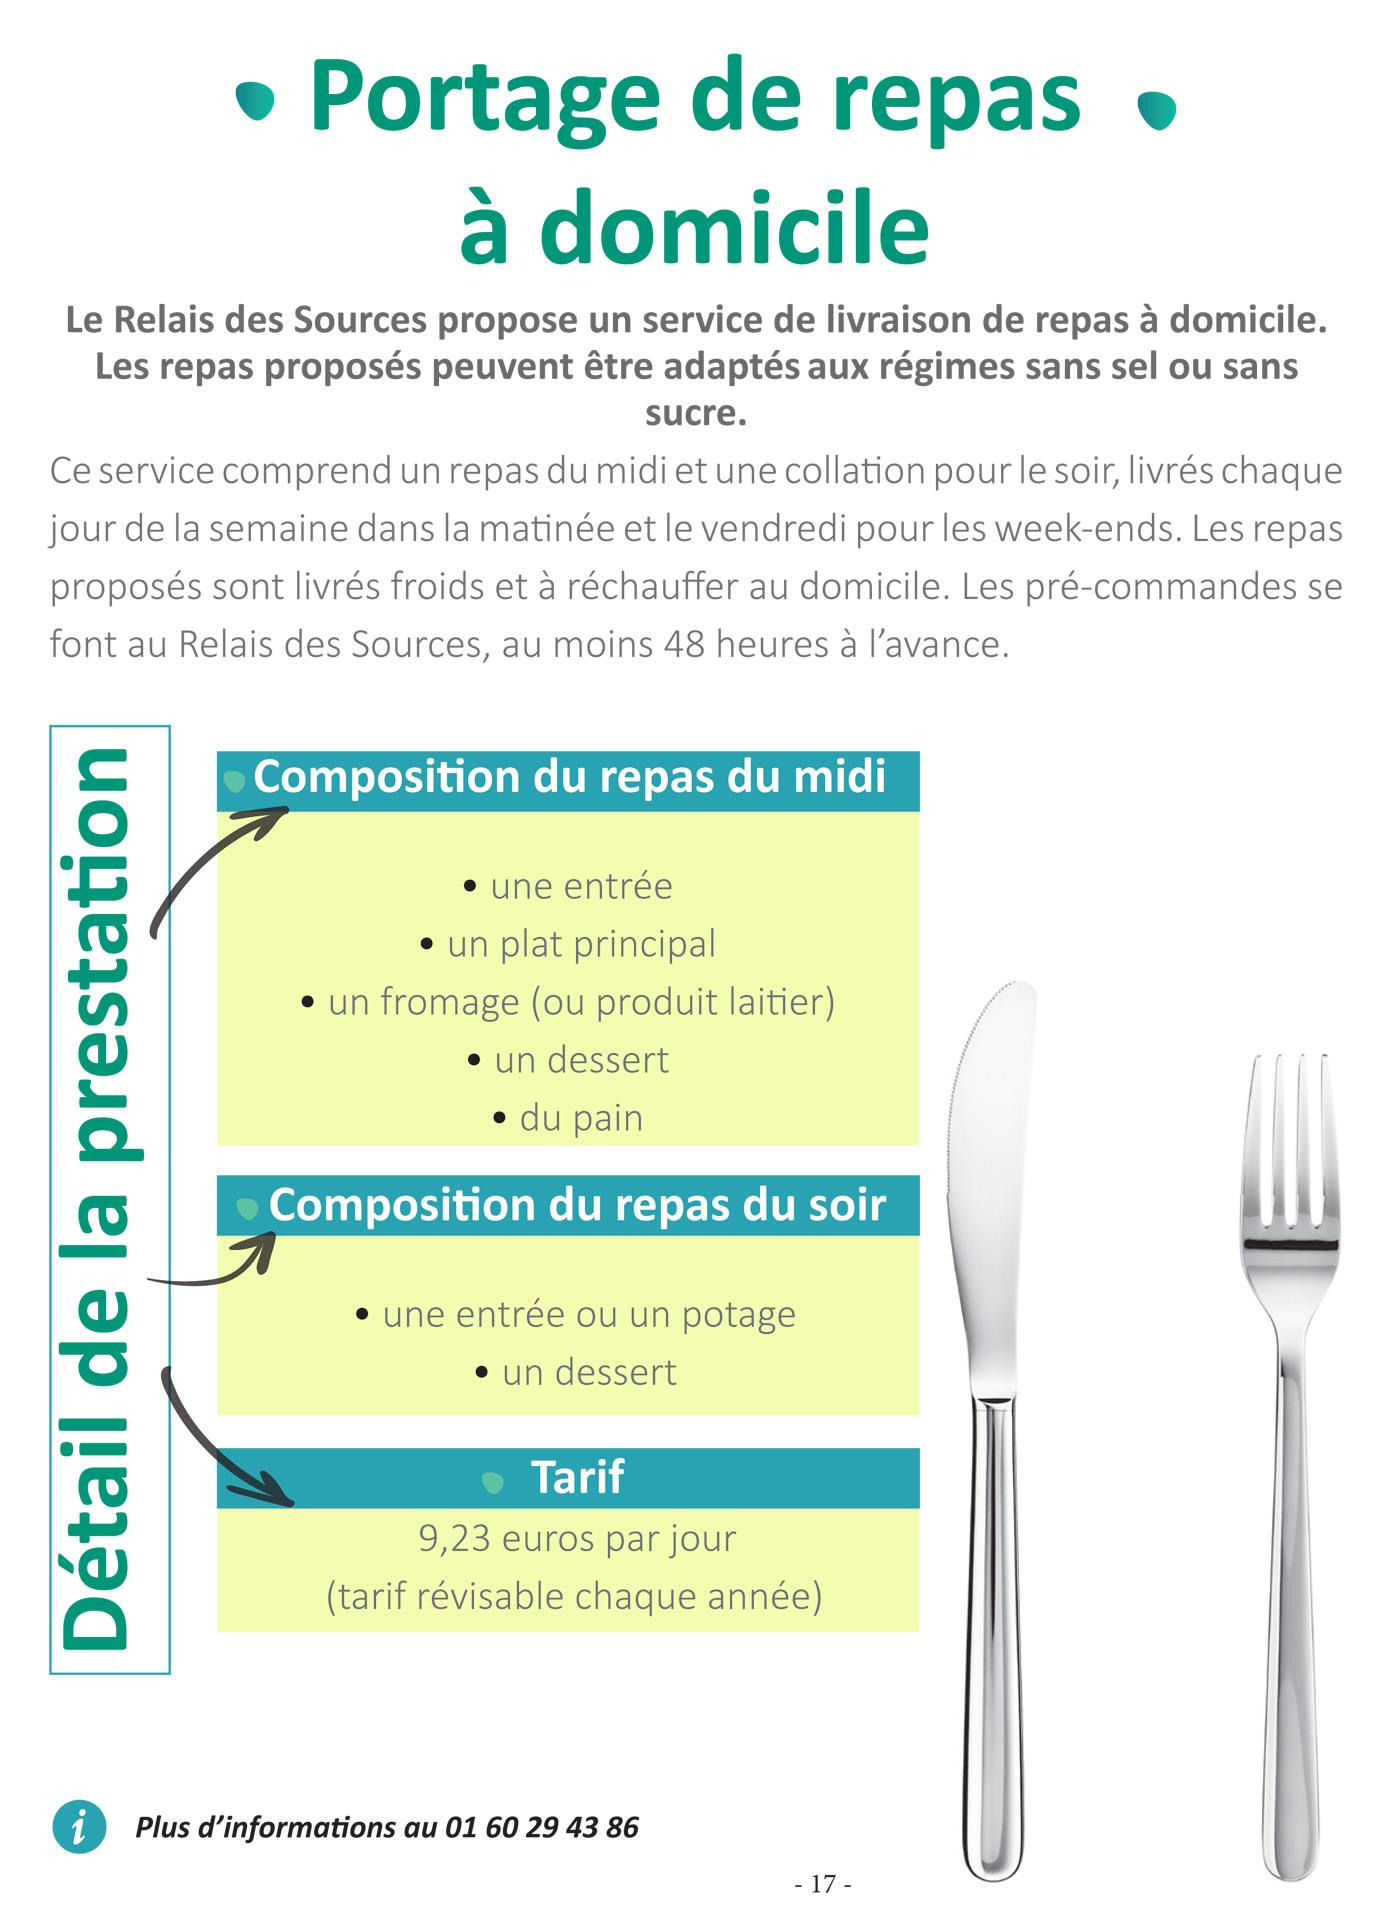 Portage des repas à domicile - Roissy en Brie